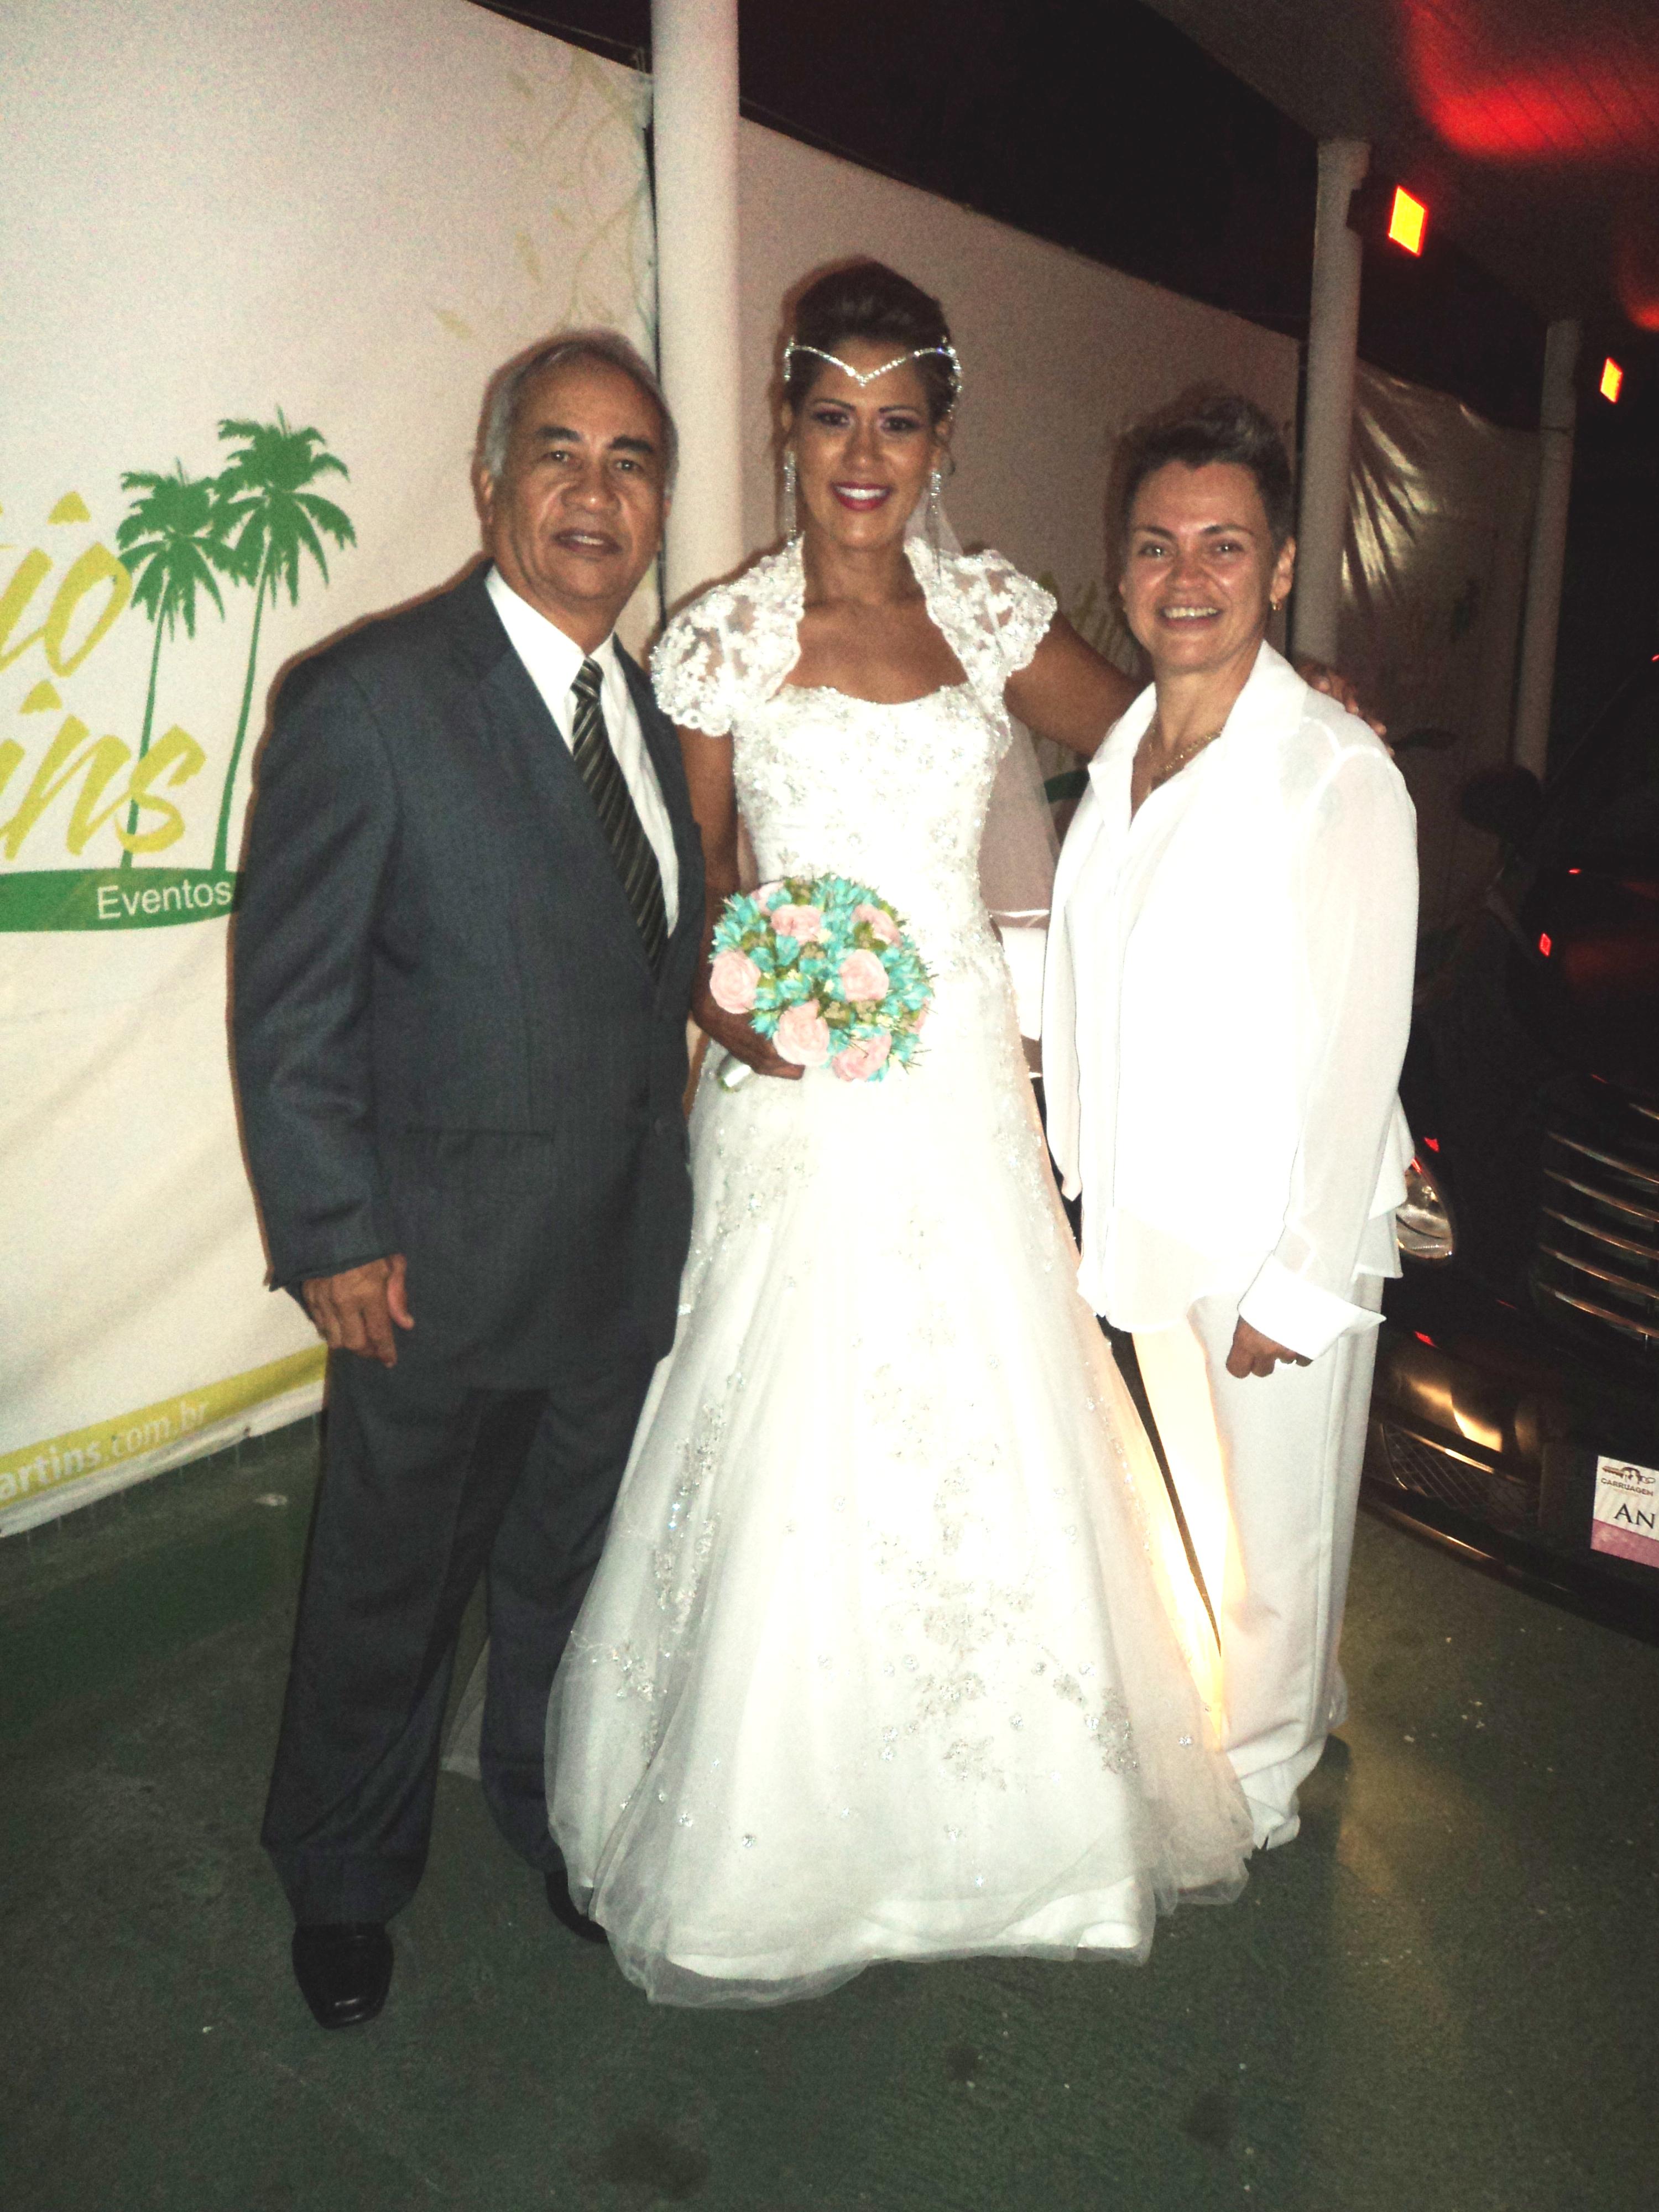 foto Túlio com noivas Andreia e Dorotea